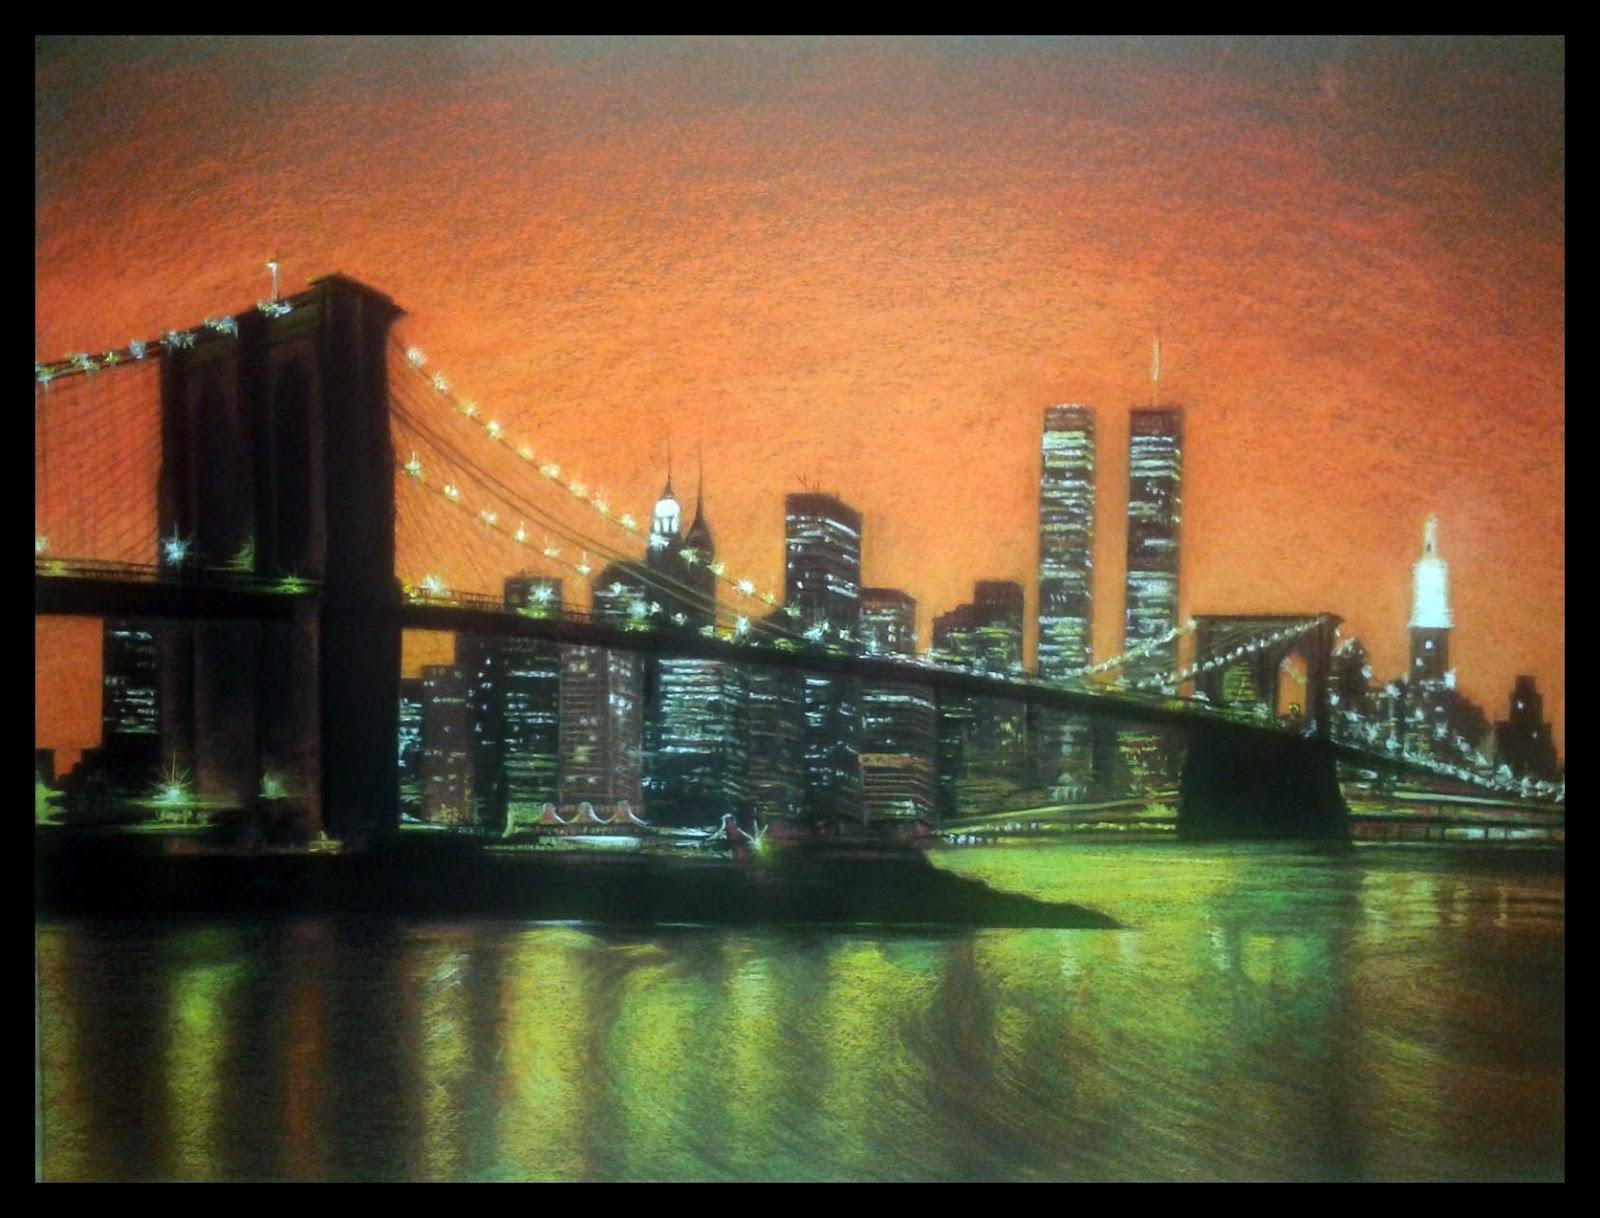 Puente de Brooklyn es un cuadro pintado por MartaSb con pinturas pastel